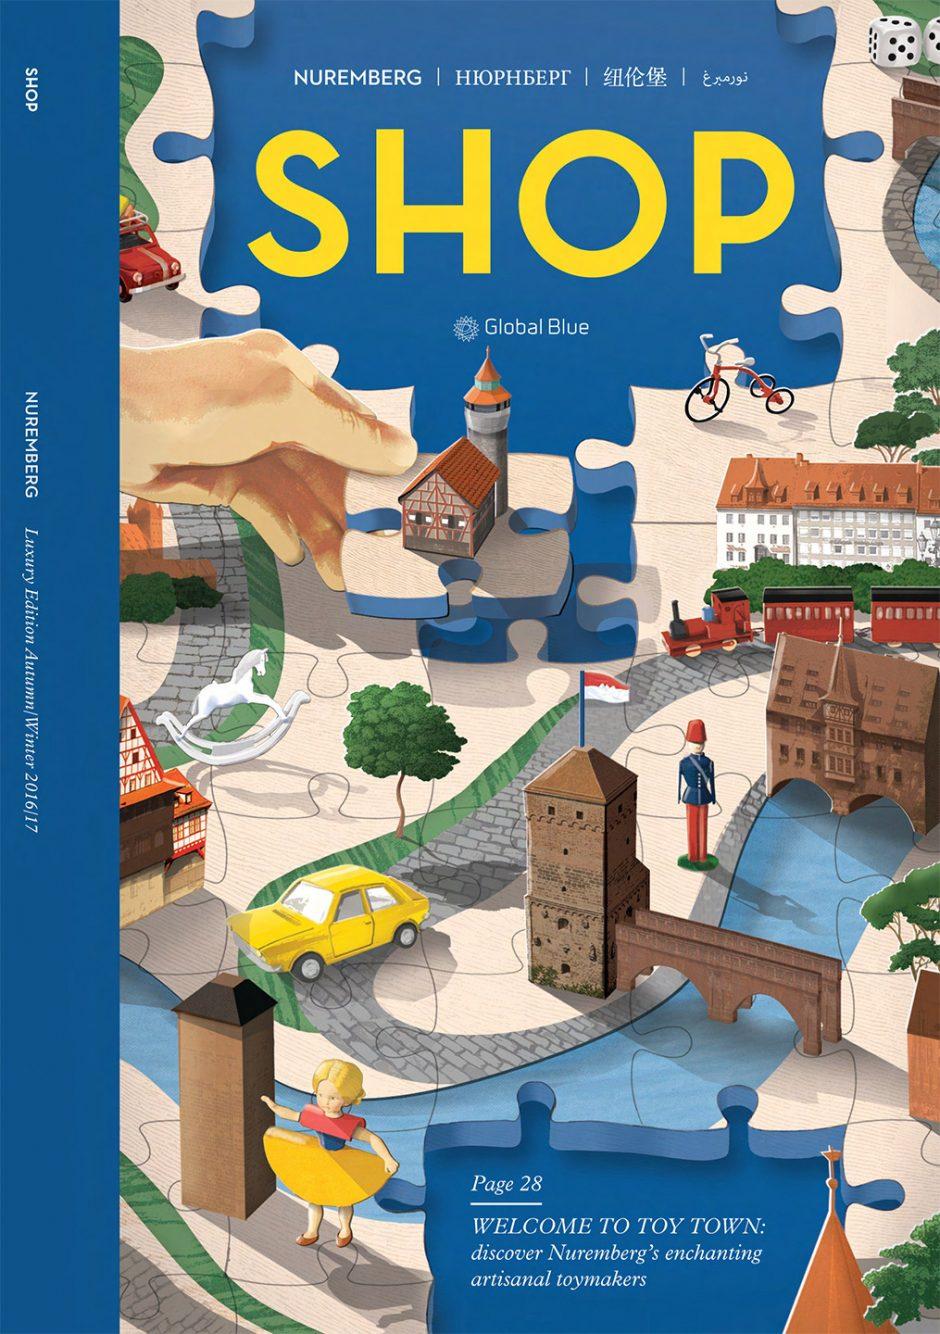 Ein anderes Cover für das kostenlose »Shop«-Magazin. Hier inszeniert Sam Falconer Nürnberg als Stadt der Spielzeuge – natürlich wegen der berühmten Spielzeugmesse, die dort stattfindet. http://samfalconer.co.uk/